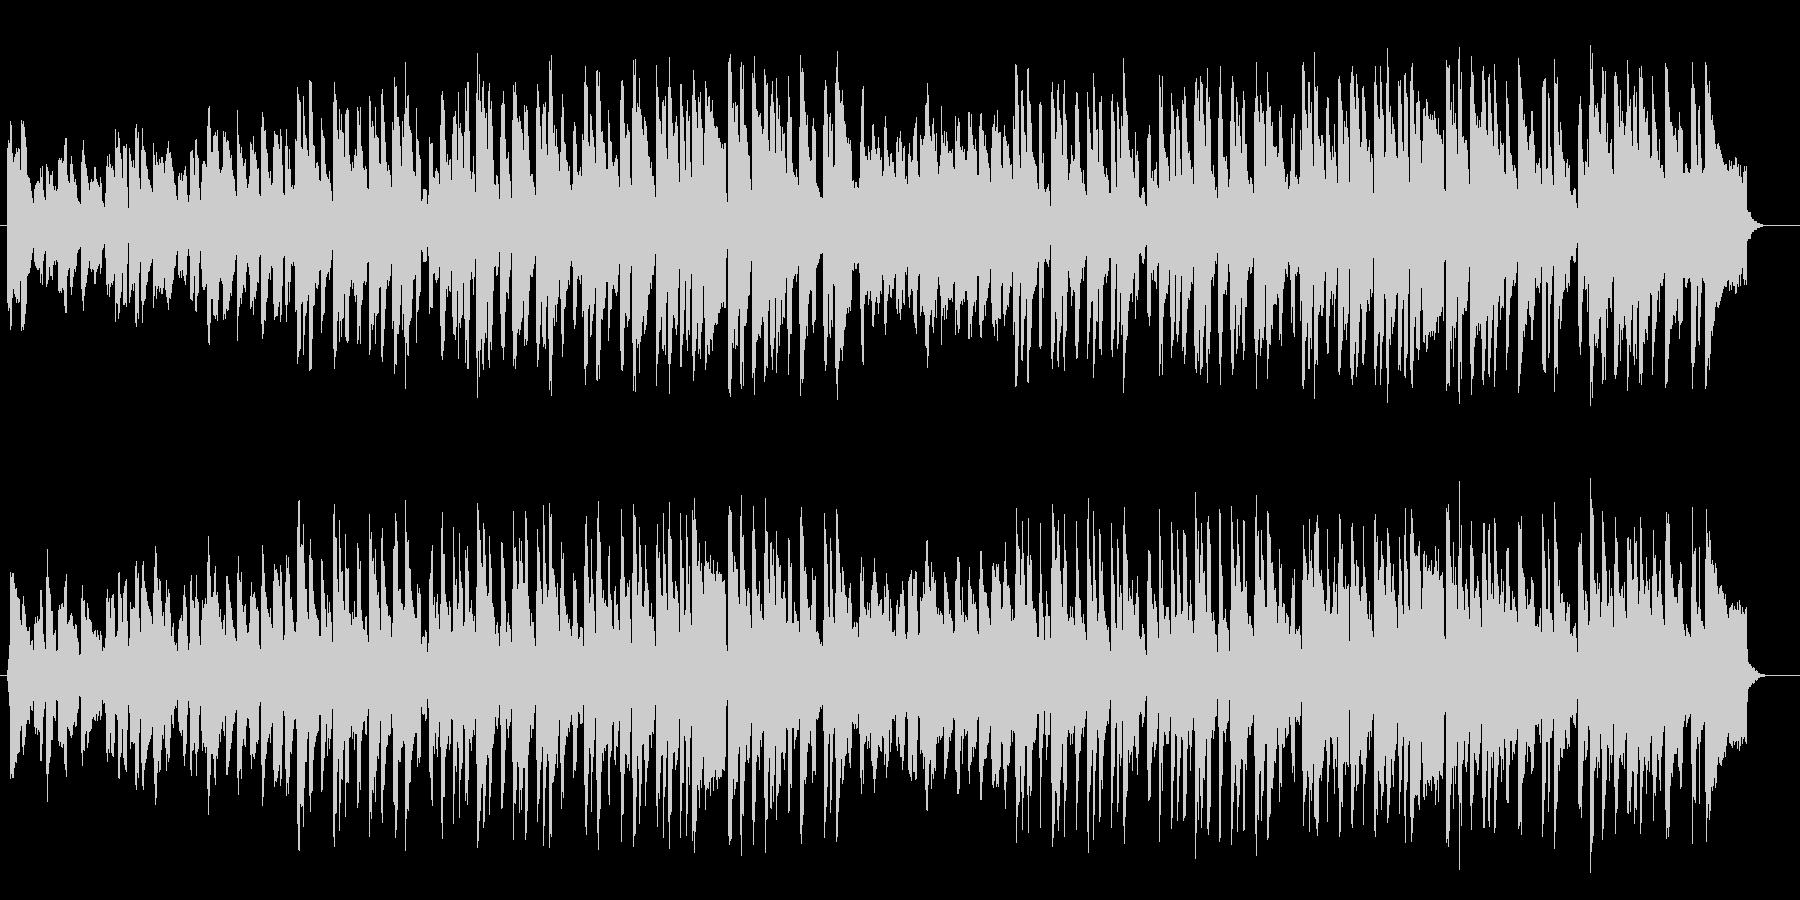 神秘的な琴が特徴的なの和洋折衷のBGMの未再生の波形